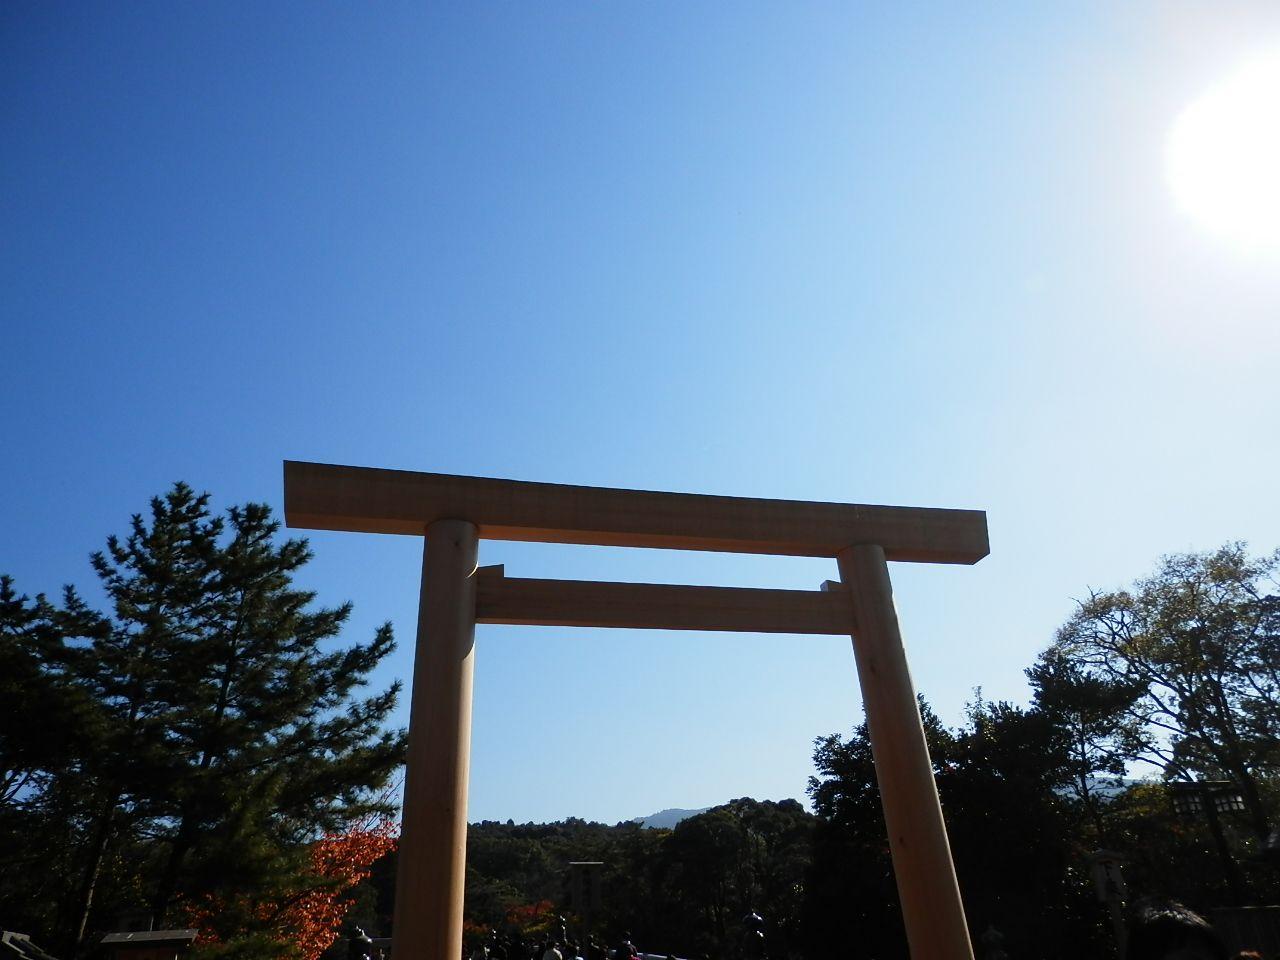 伊勢神宮「おはらい町」には、人気のご当地グルメが盛りだくさん